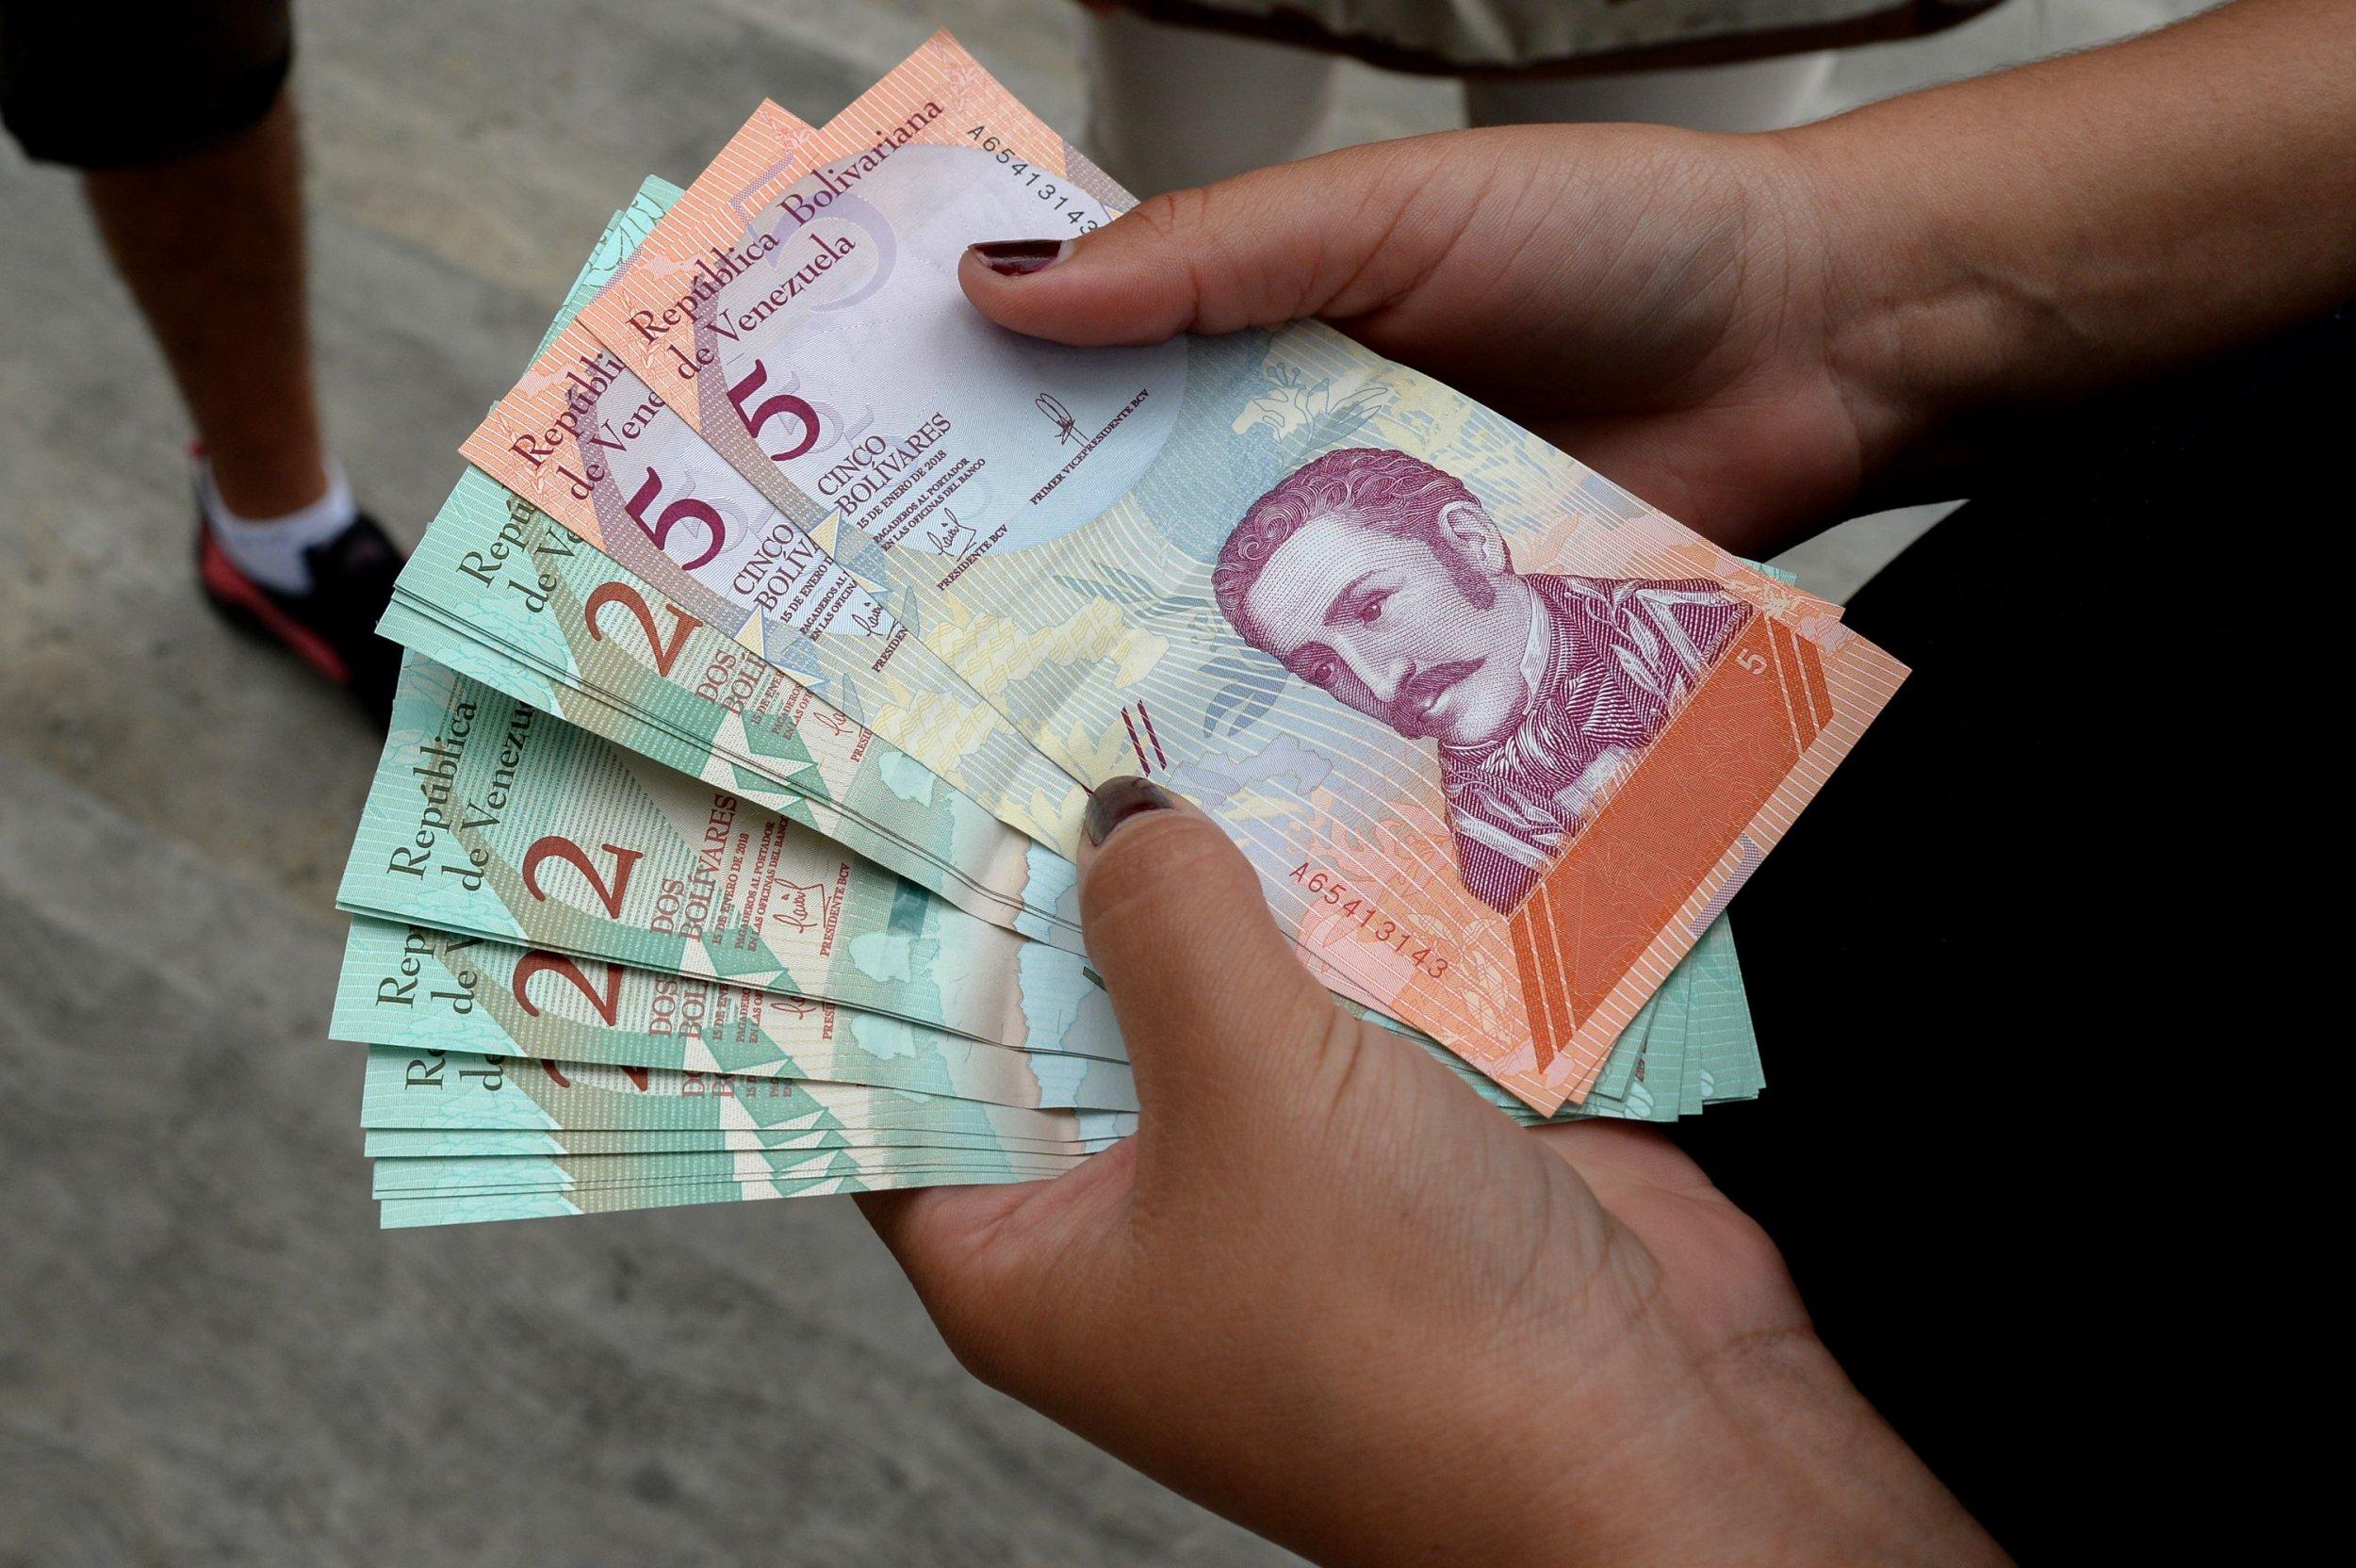 Venezuela petro currency price